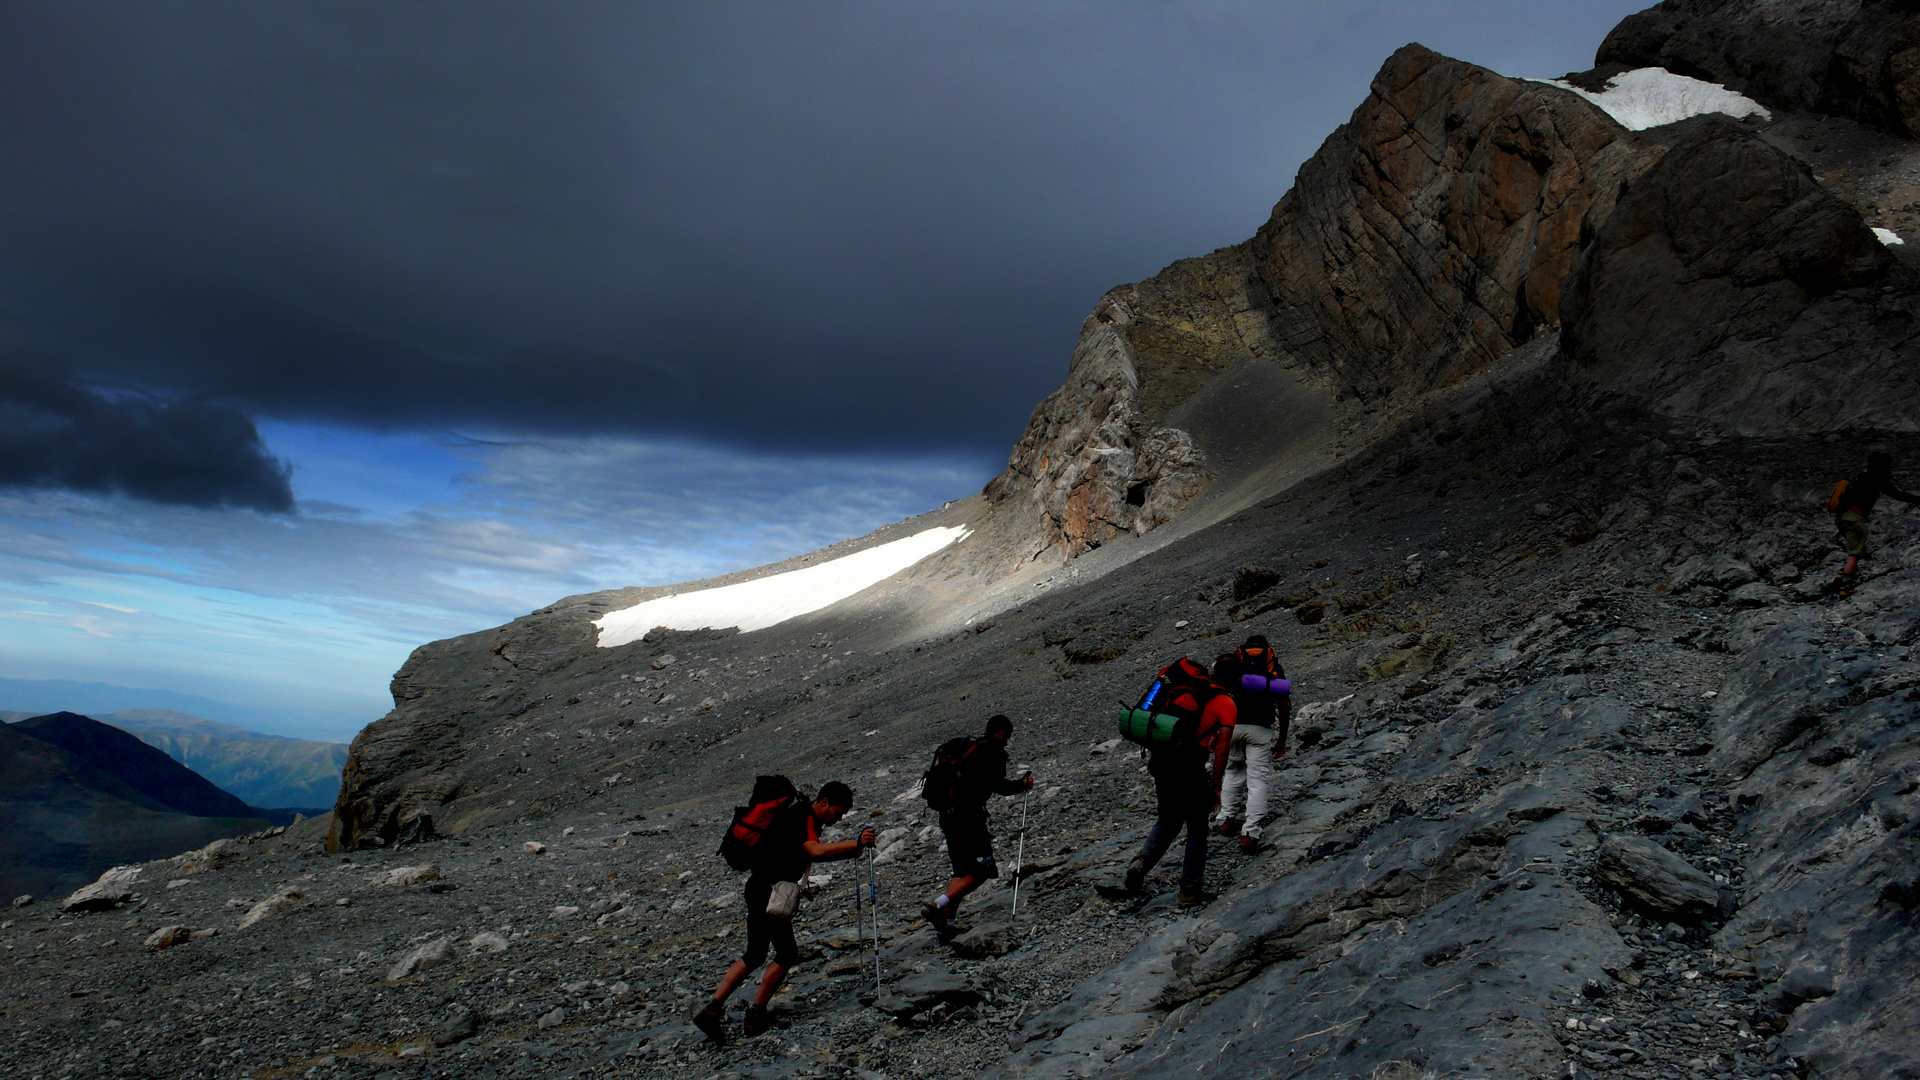 Parque Nacional de Ordesa-Monte Perdido